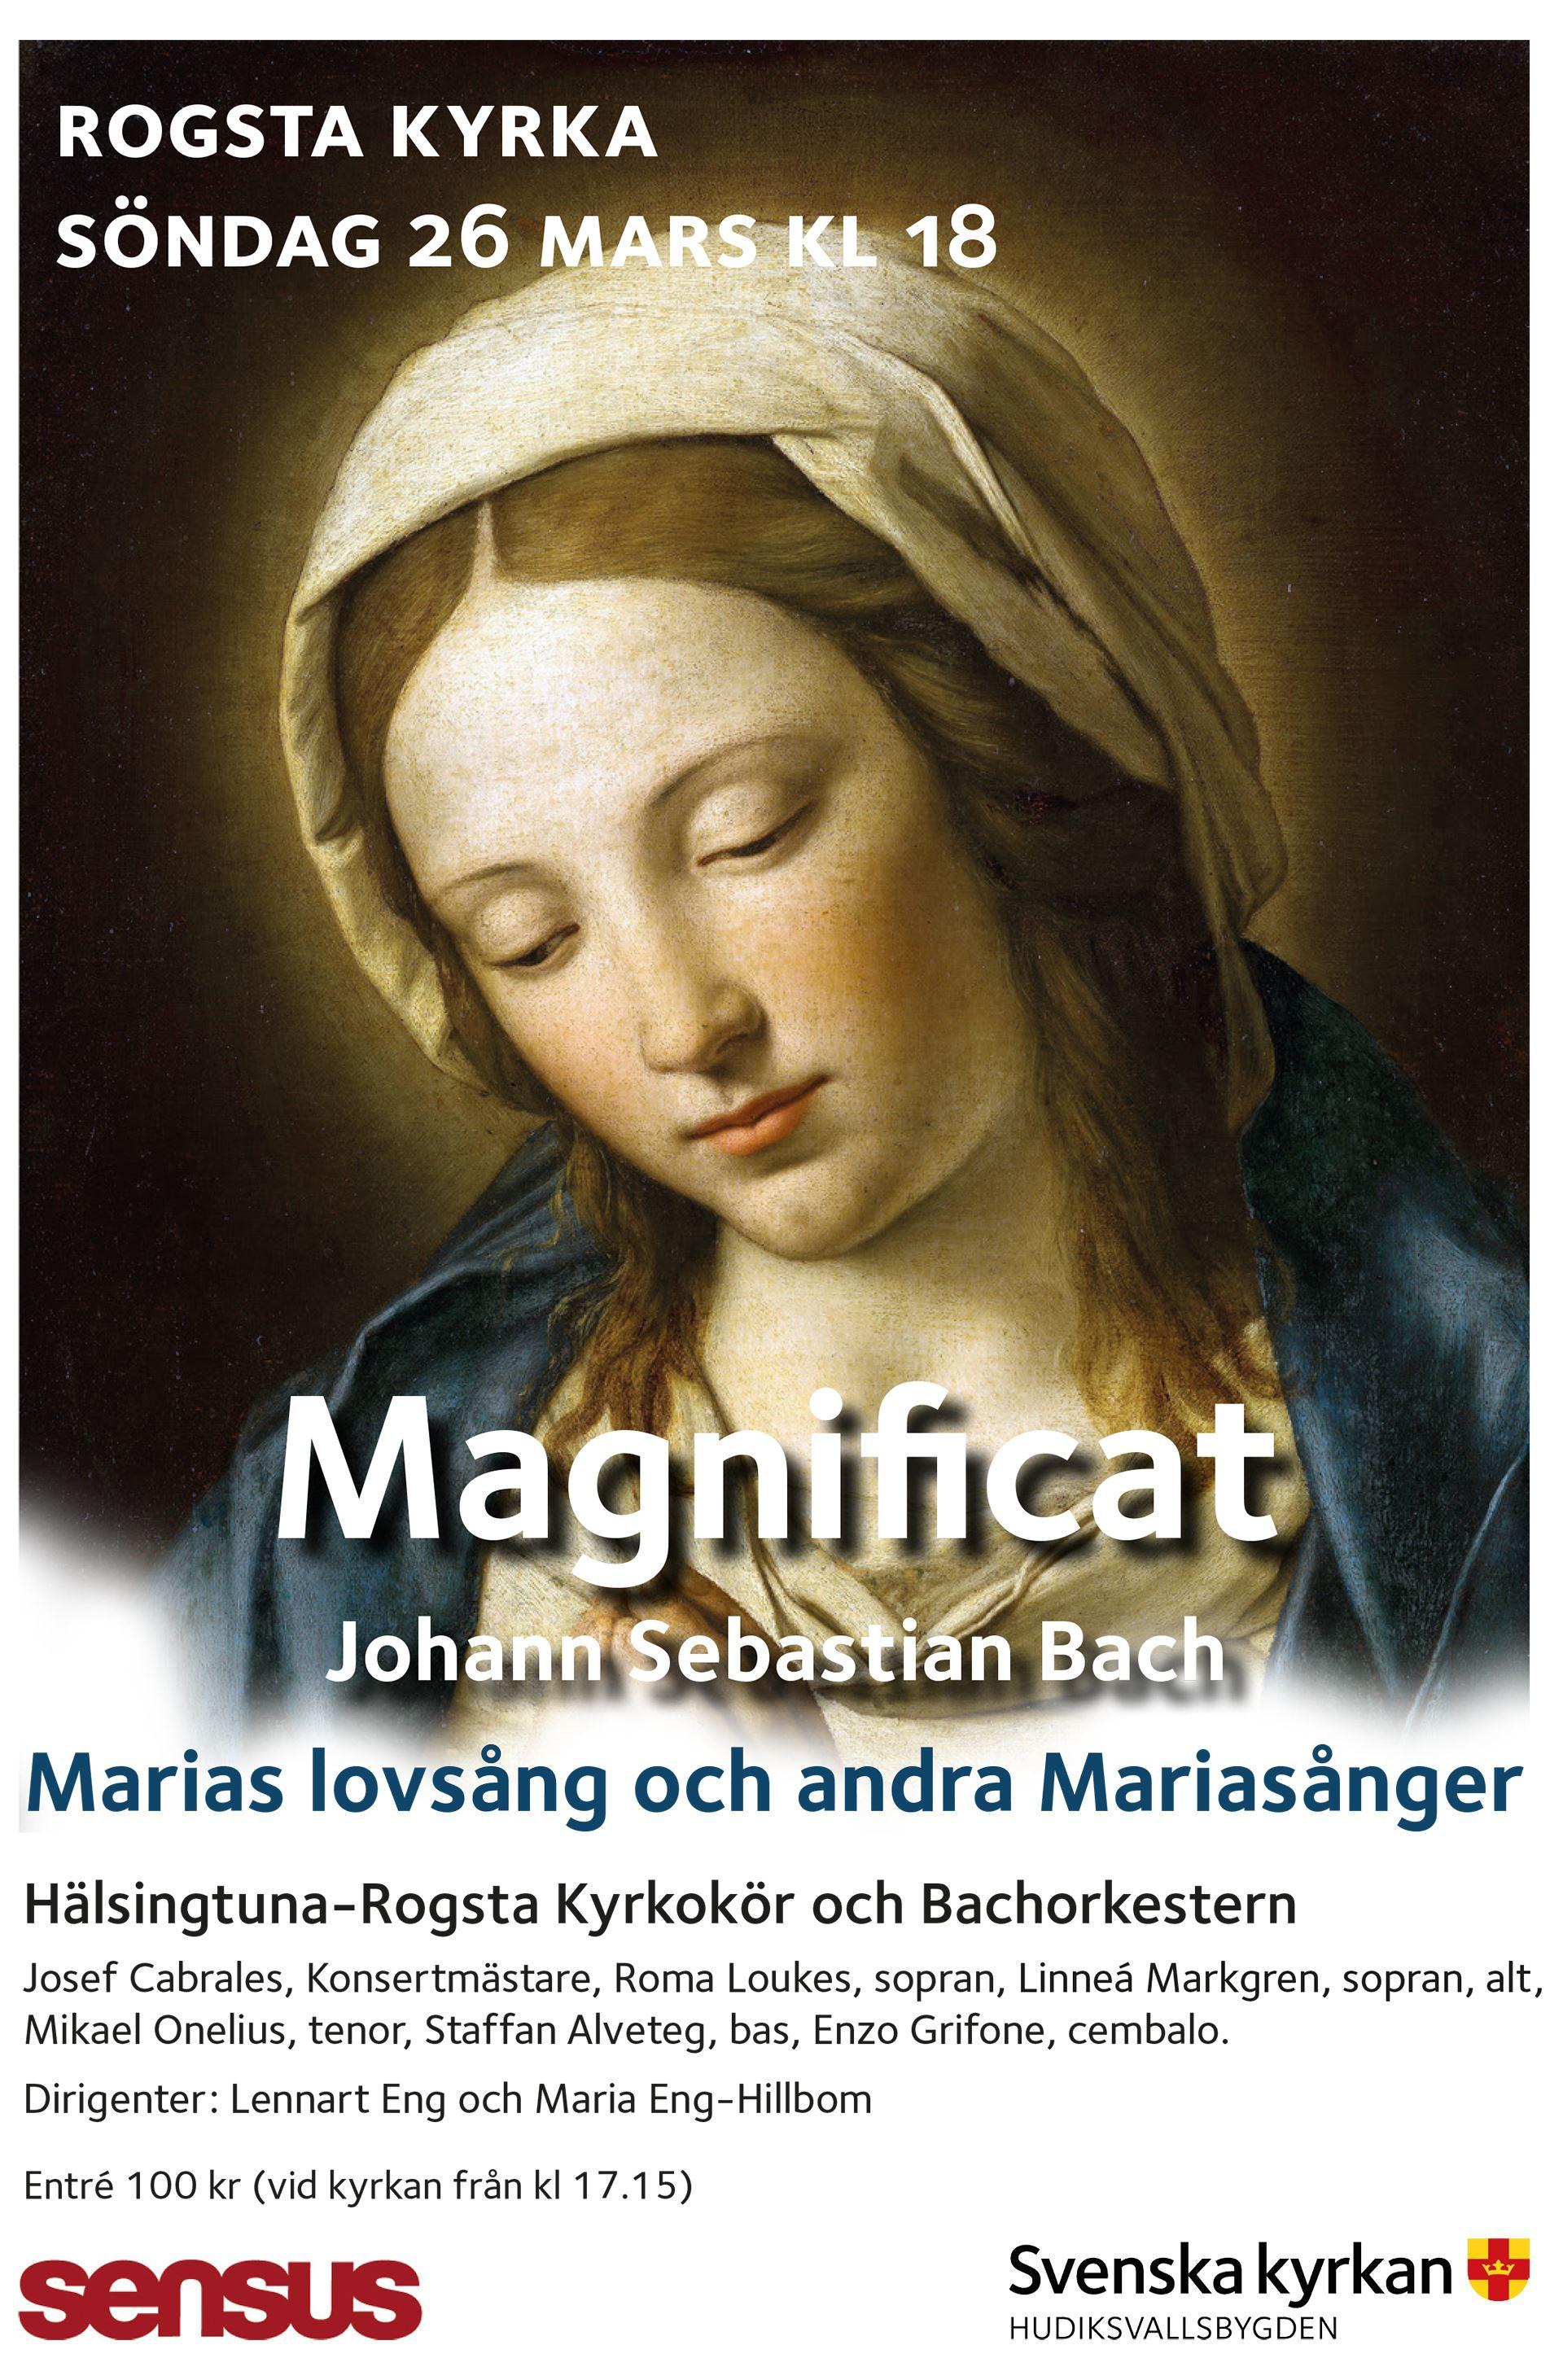 Körkonsert Magnificat